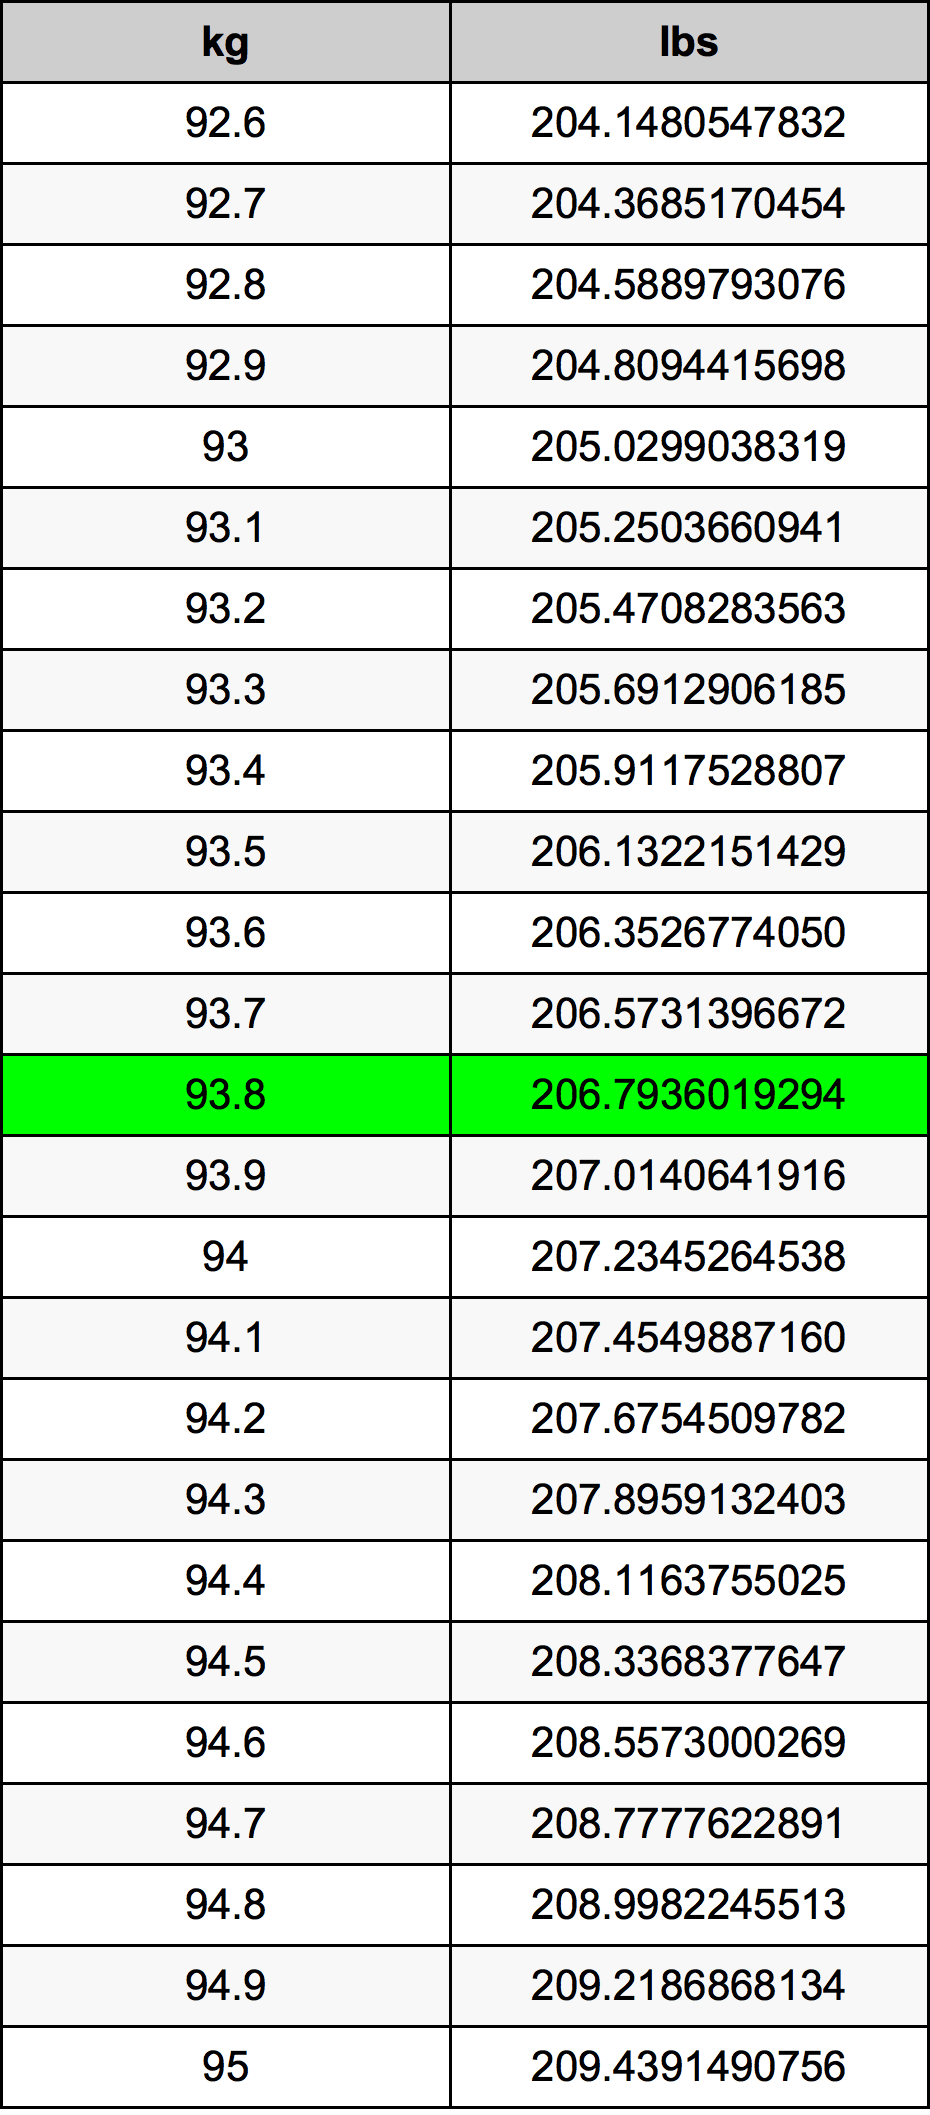 93.8 Quilograma tabela de conversão